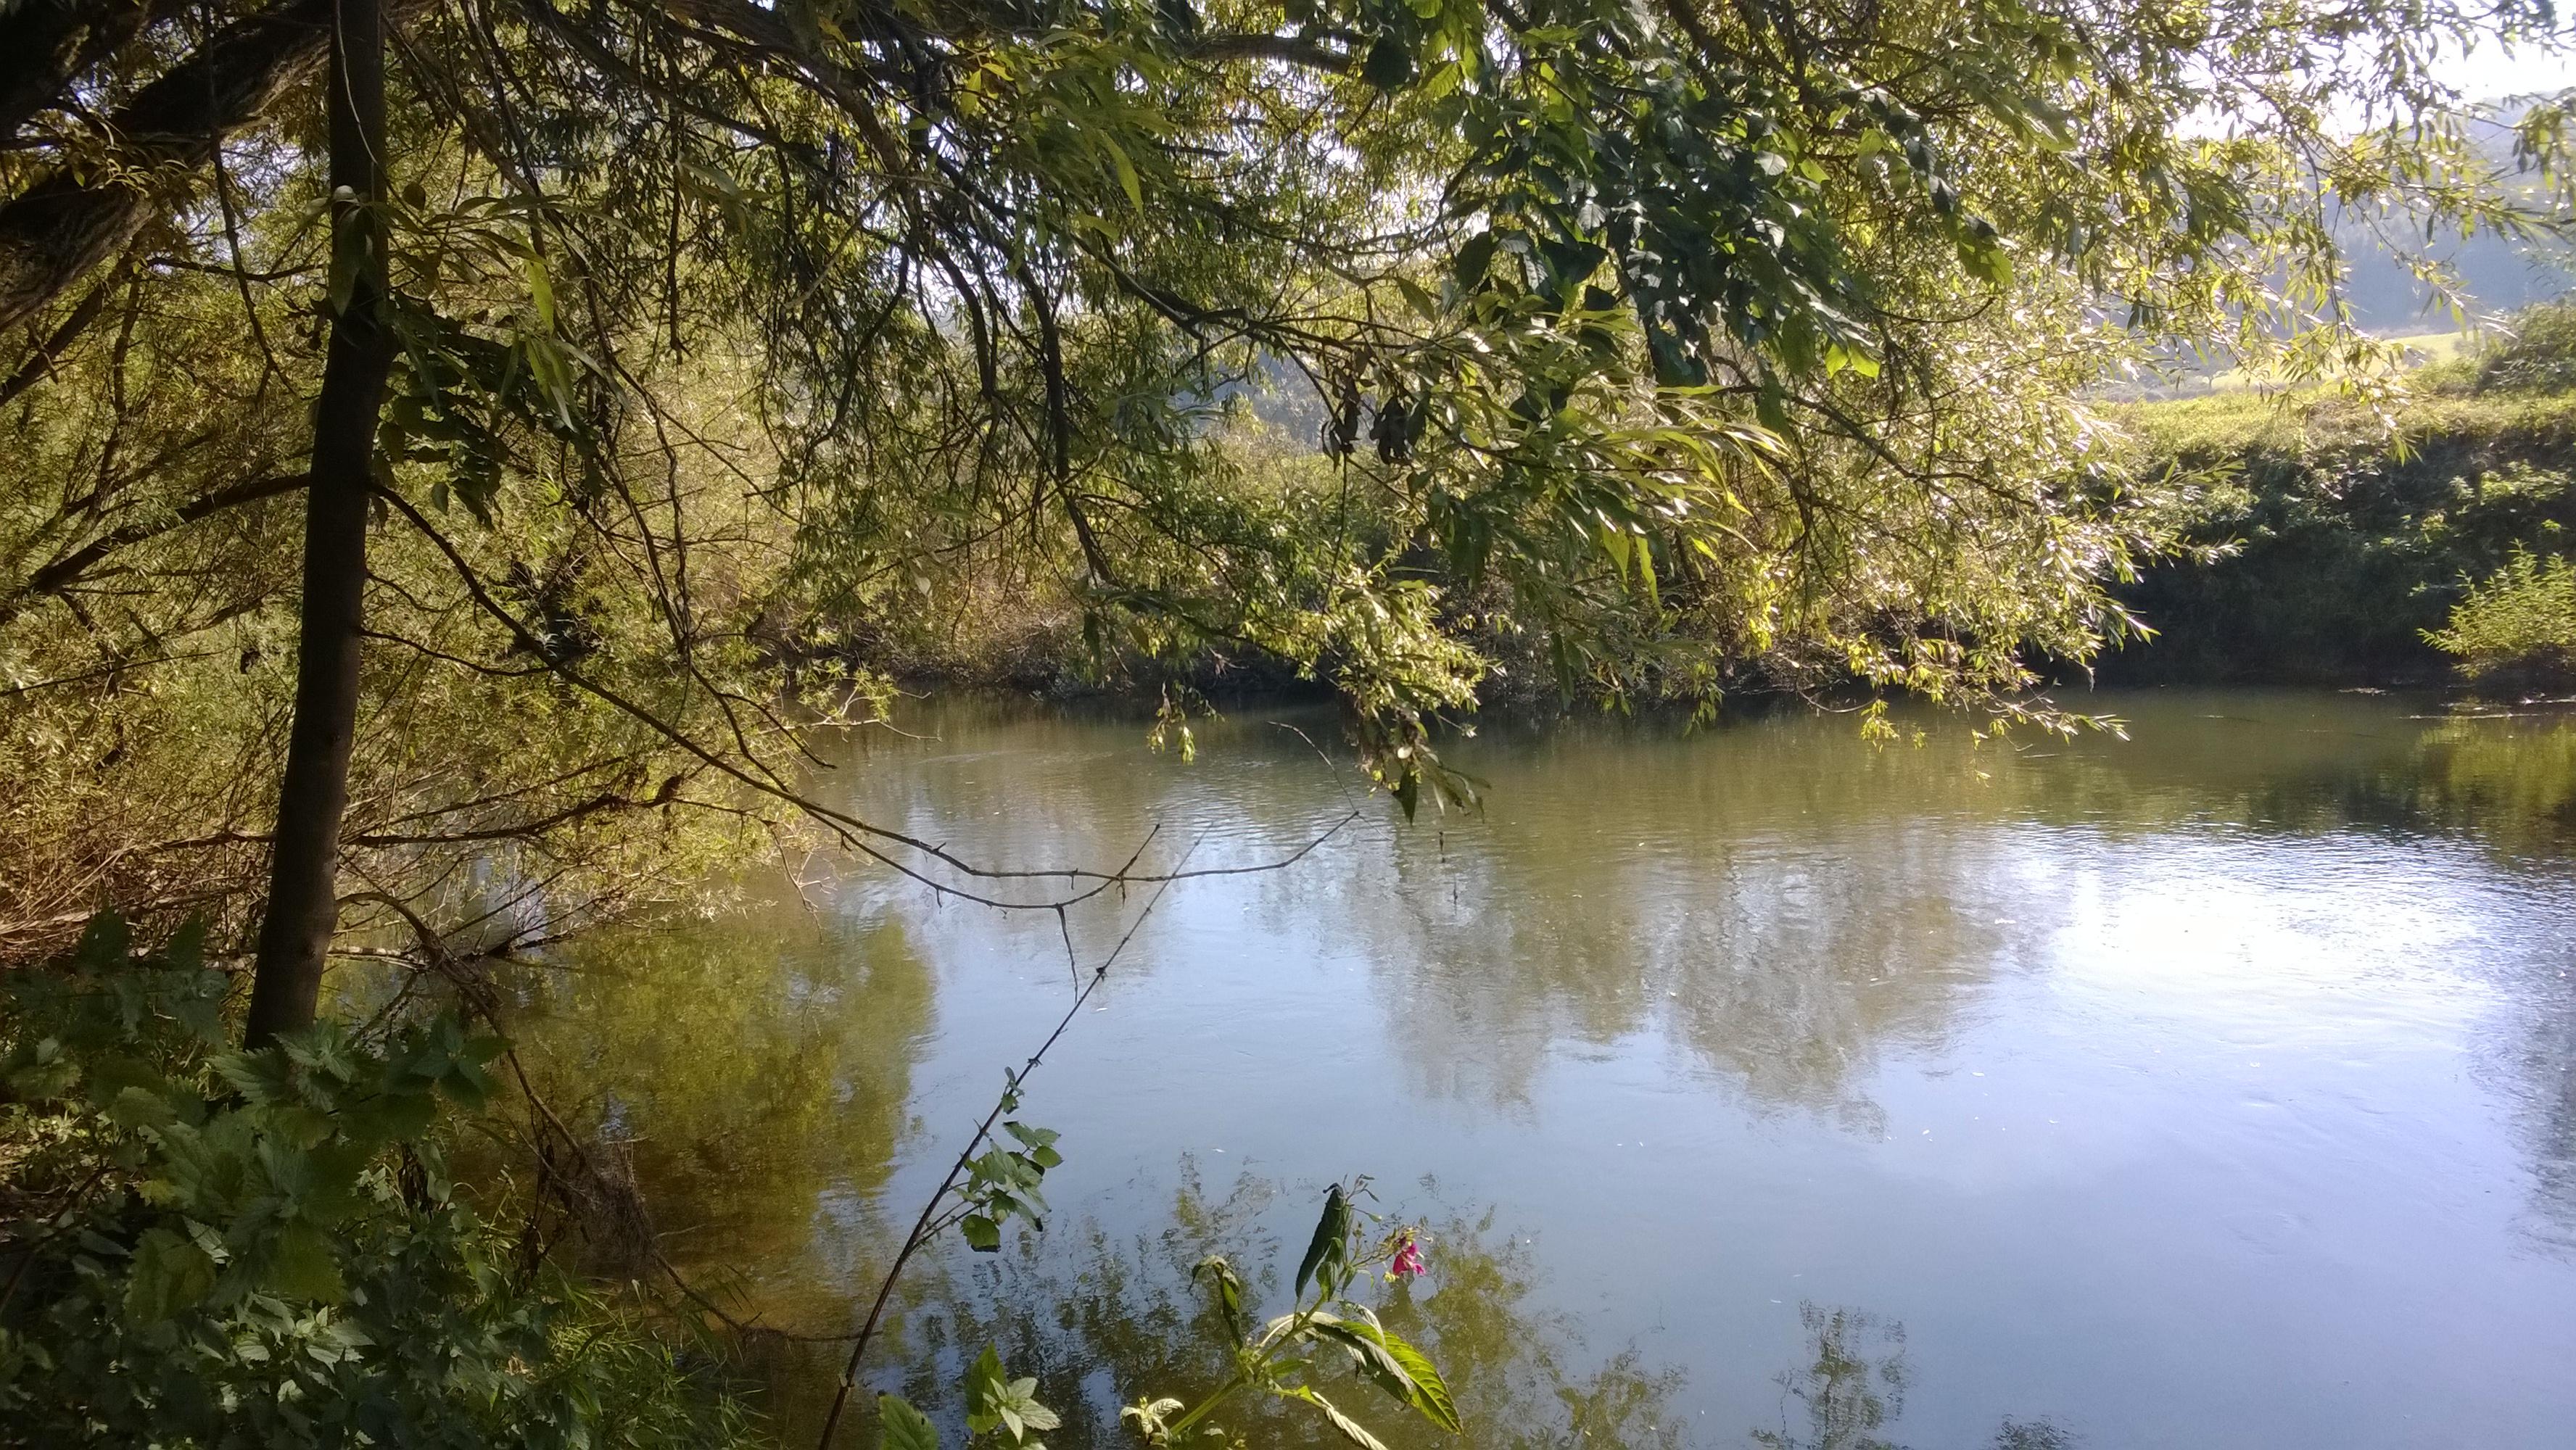 Leine unterhalb der Ilme-Mündung